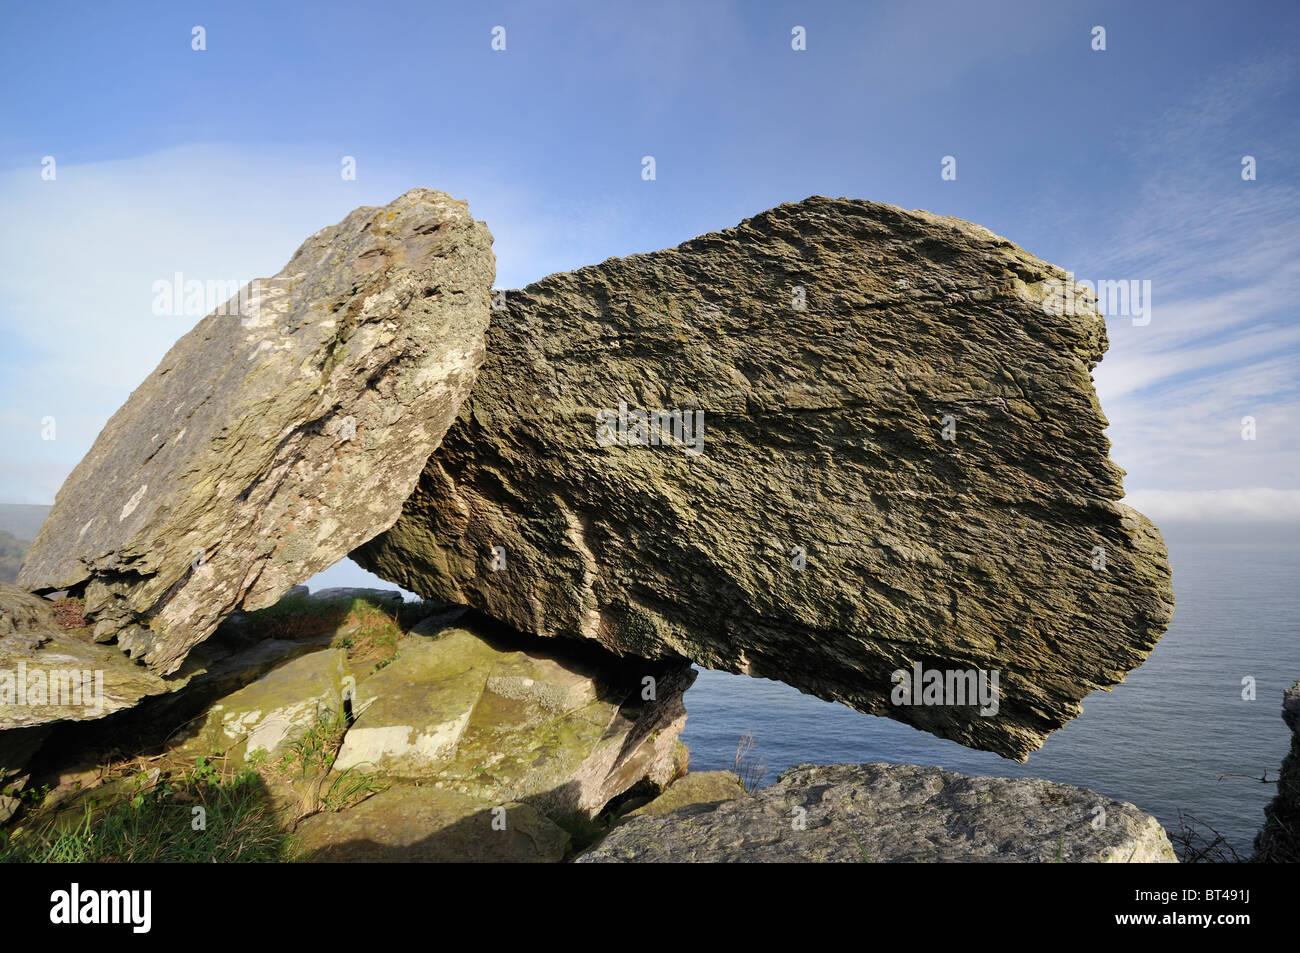 Balanced Devonian Limestone Rock on top of Castle Rock fa5a045d5c778